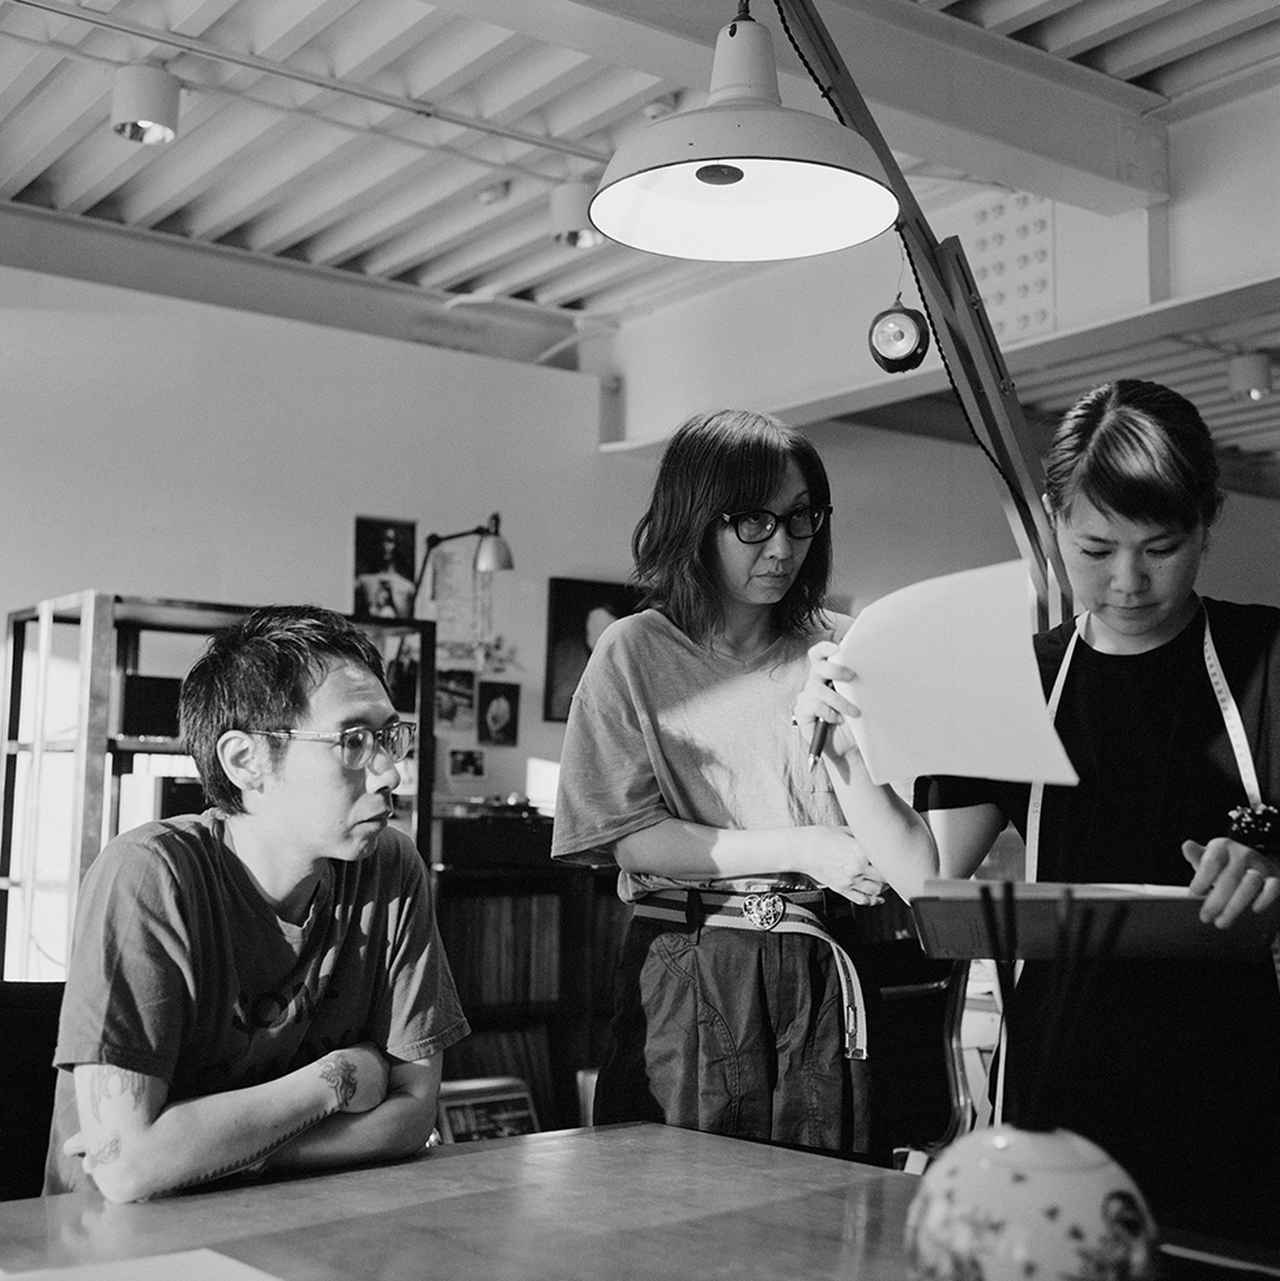 Images : 2番目の画像 - 「アンダーカバーのスタジオで 高橋 盾の内なる世界をのぞく」のアルバム - T JAPAN:The New York Times Style Magazine 公式サイト